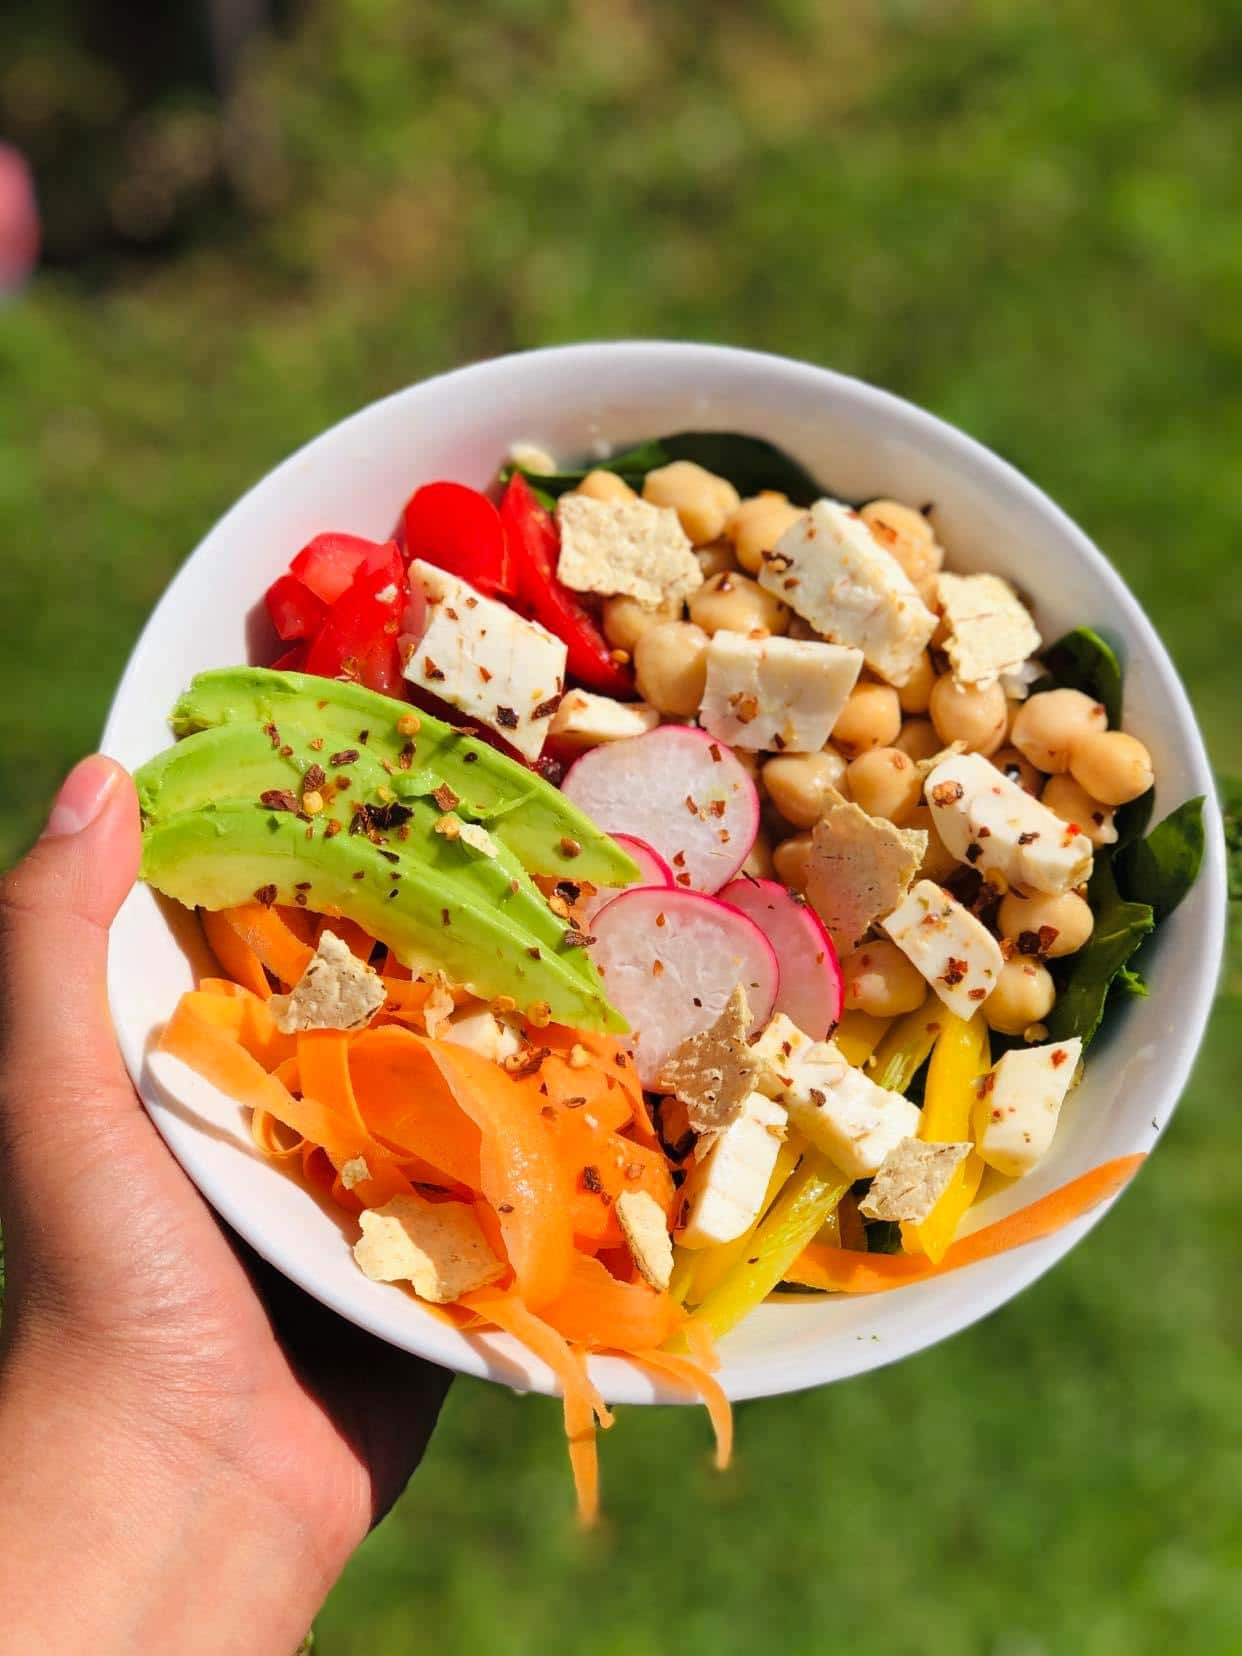 Receta saludable para comer_ensalada